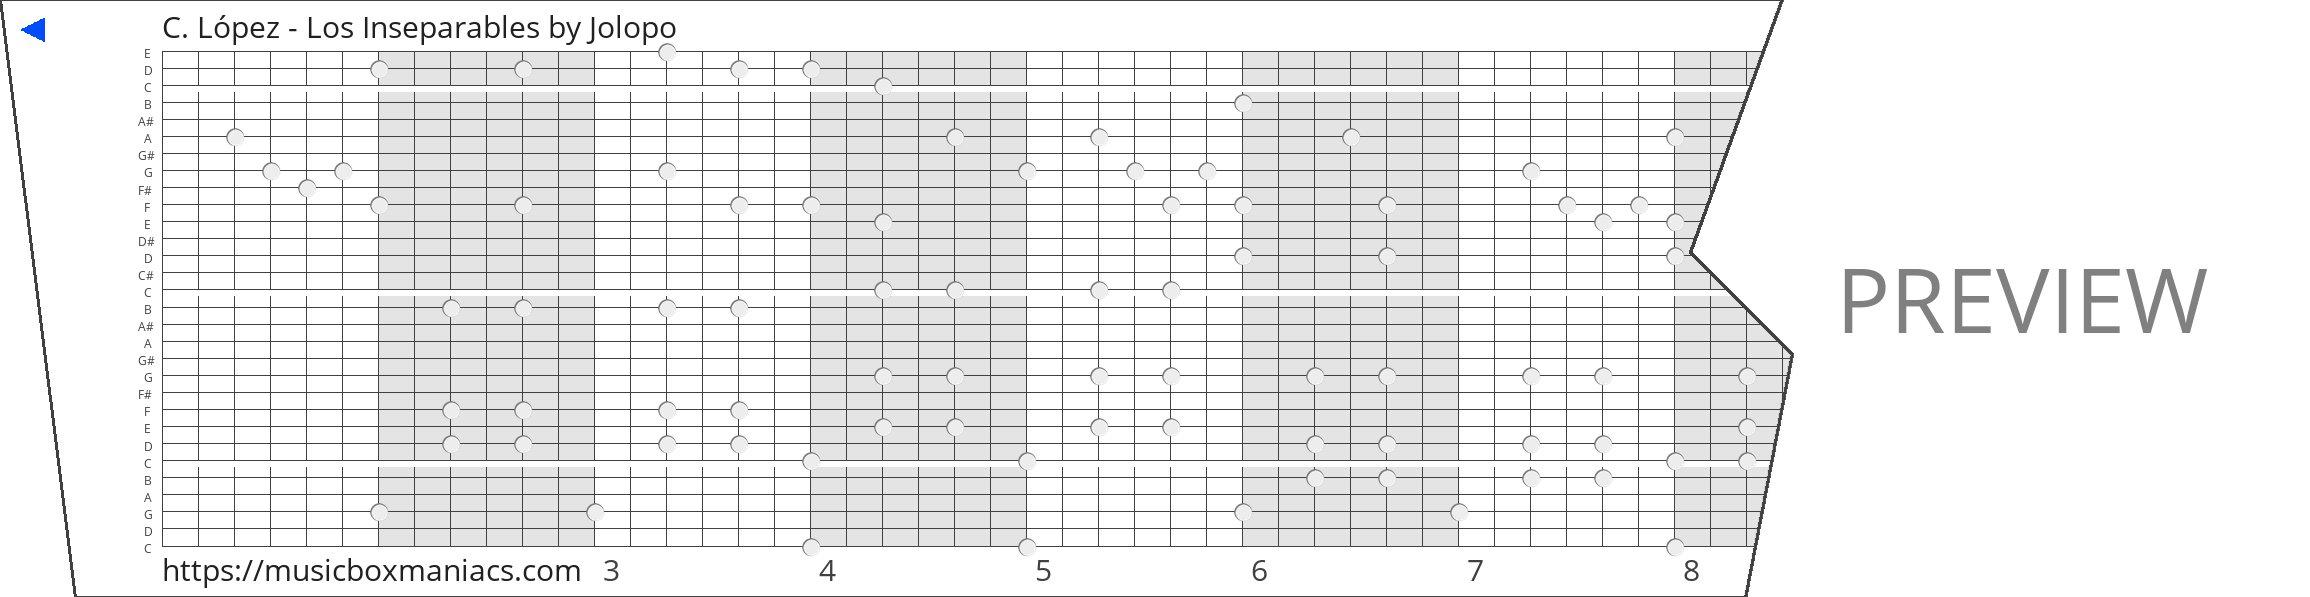 C. López - Los Inseparables 30 note music box paper strip